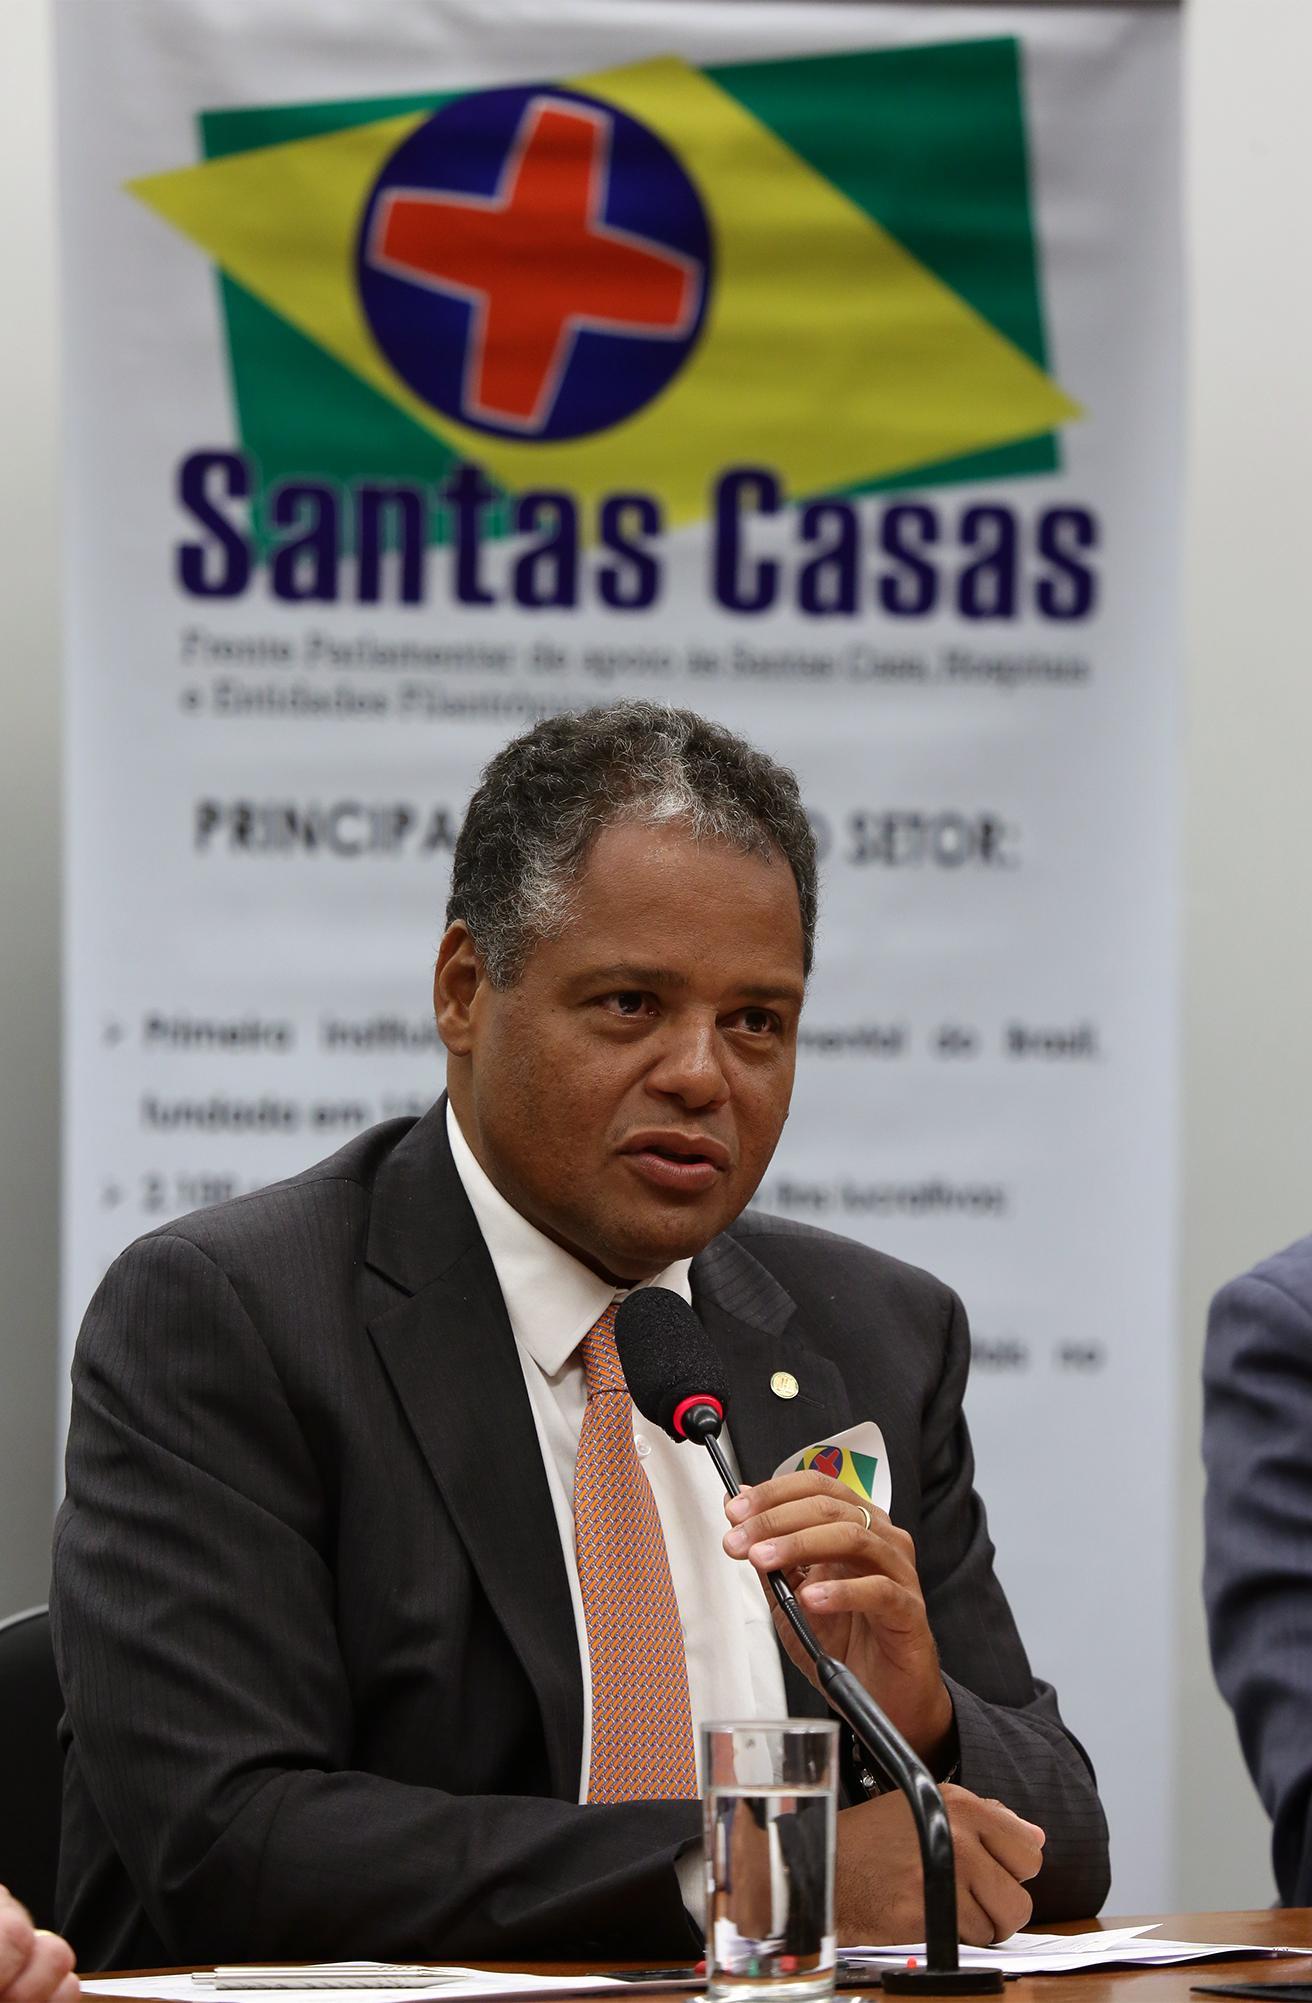 Reunião. Dep. Antonio Brito (PSD - BA)